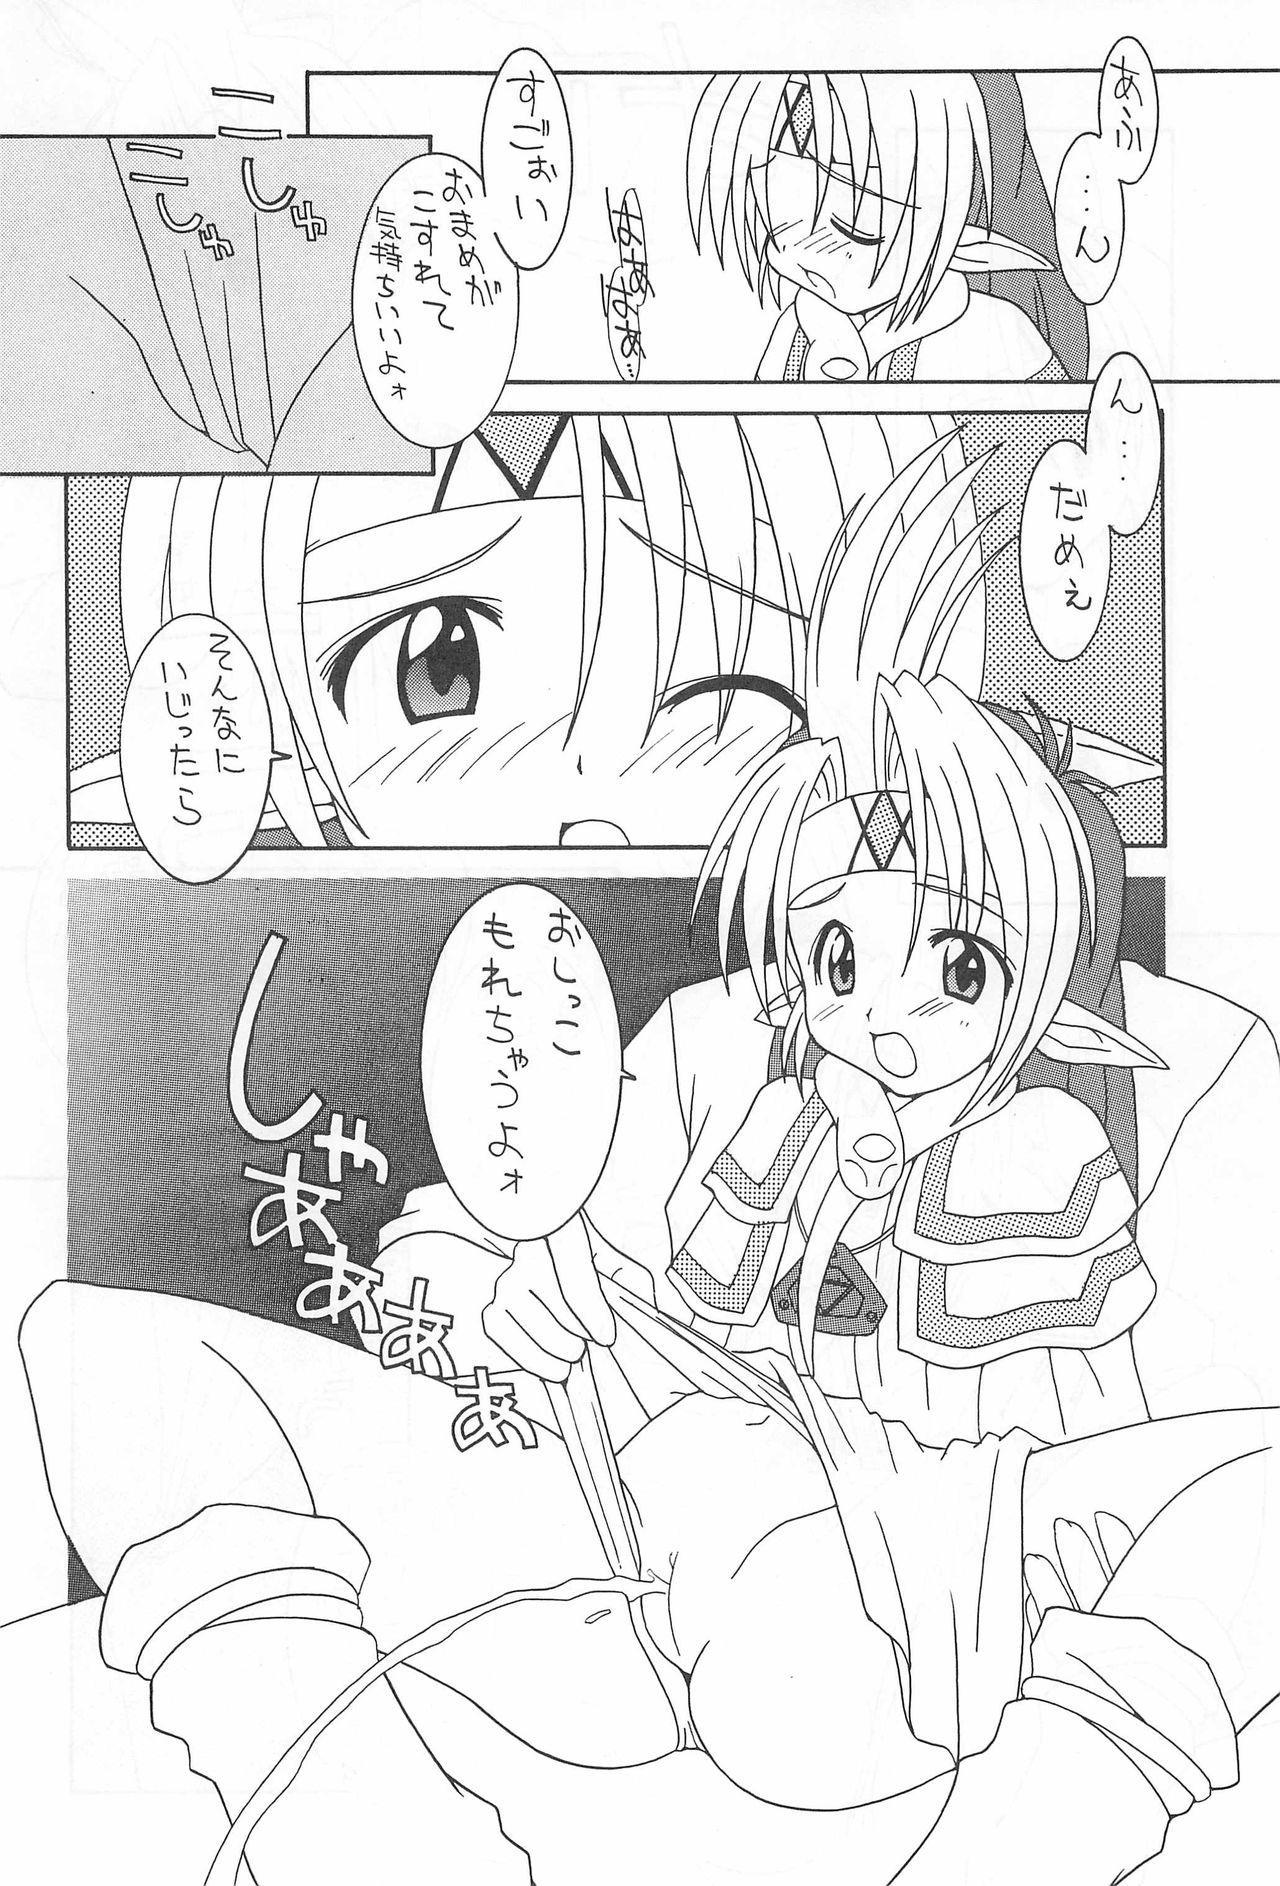 Soko da! Ninpou Youjitaikei no Jutsu EX 21